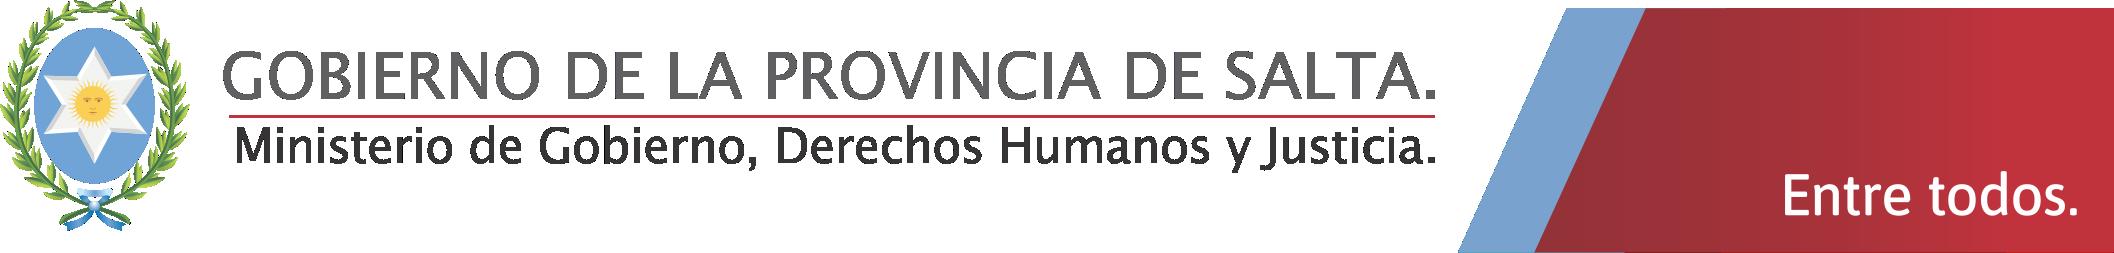 Ministerio de Gobierno, Derechos Humanos y Justicia